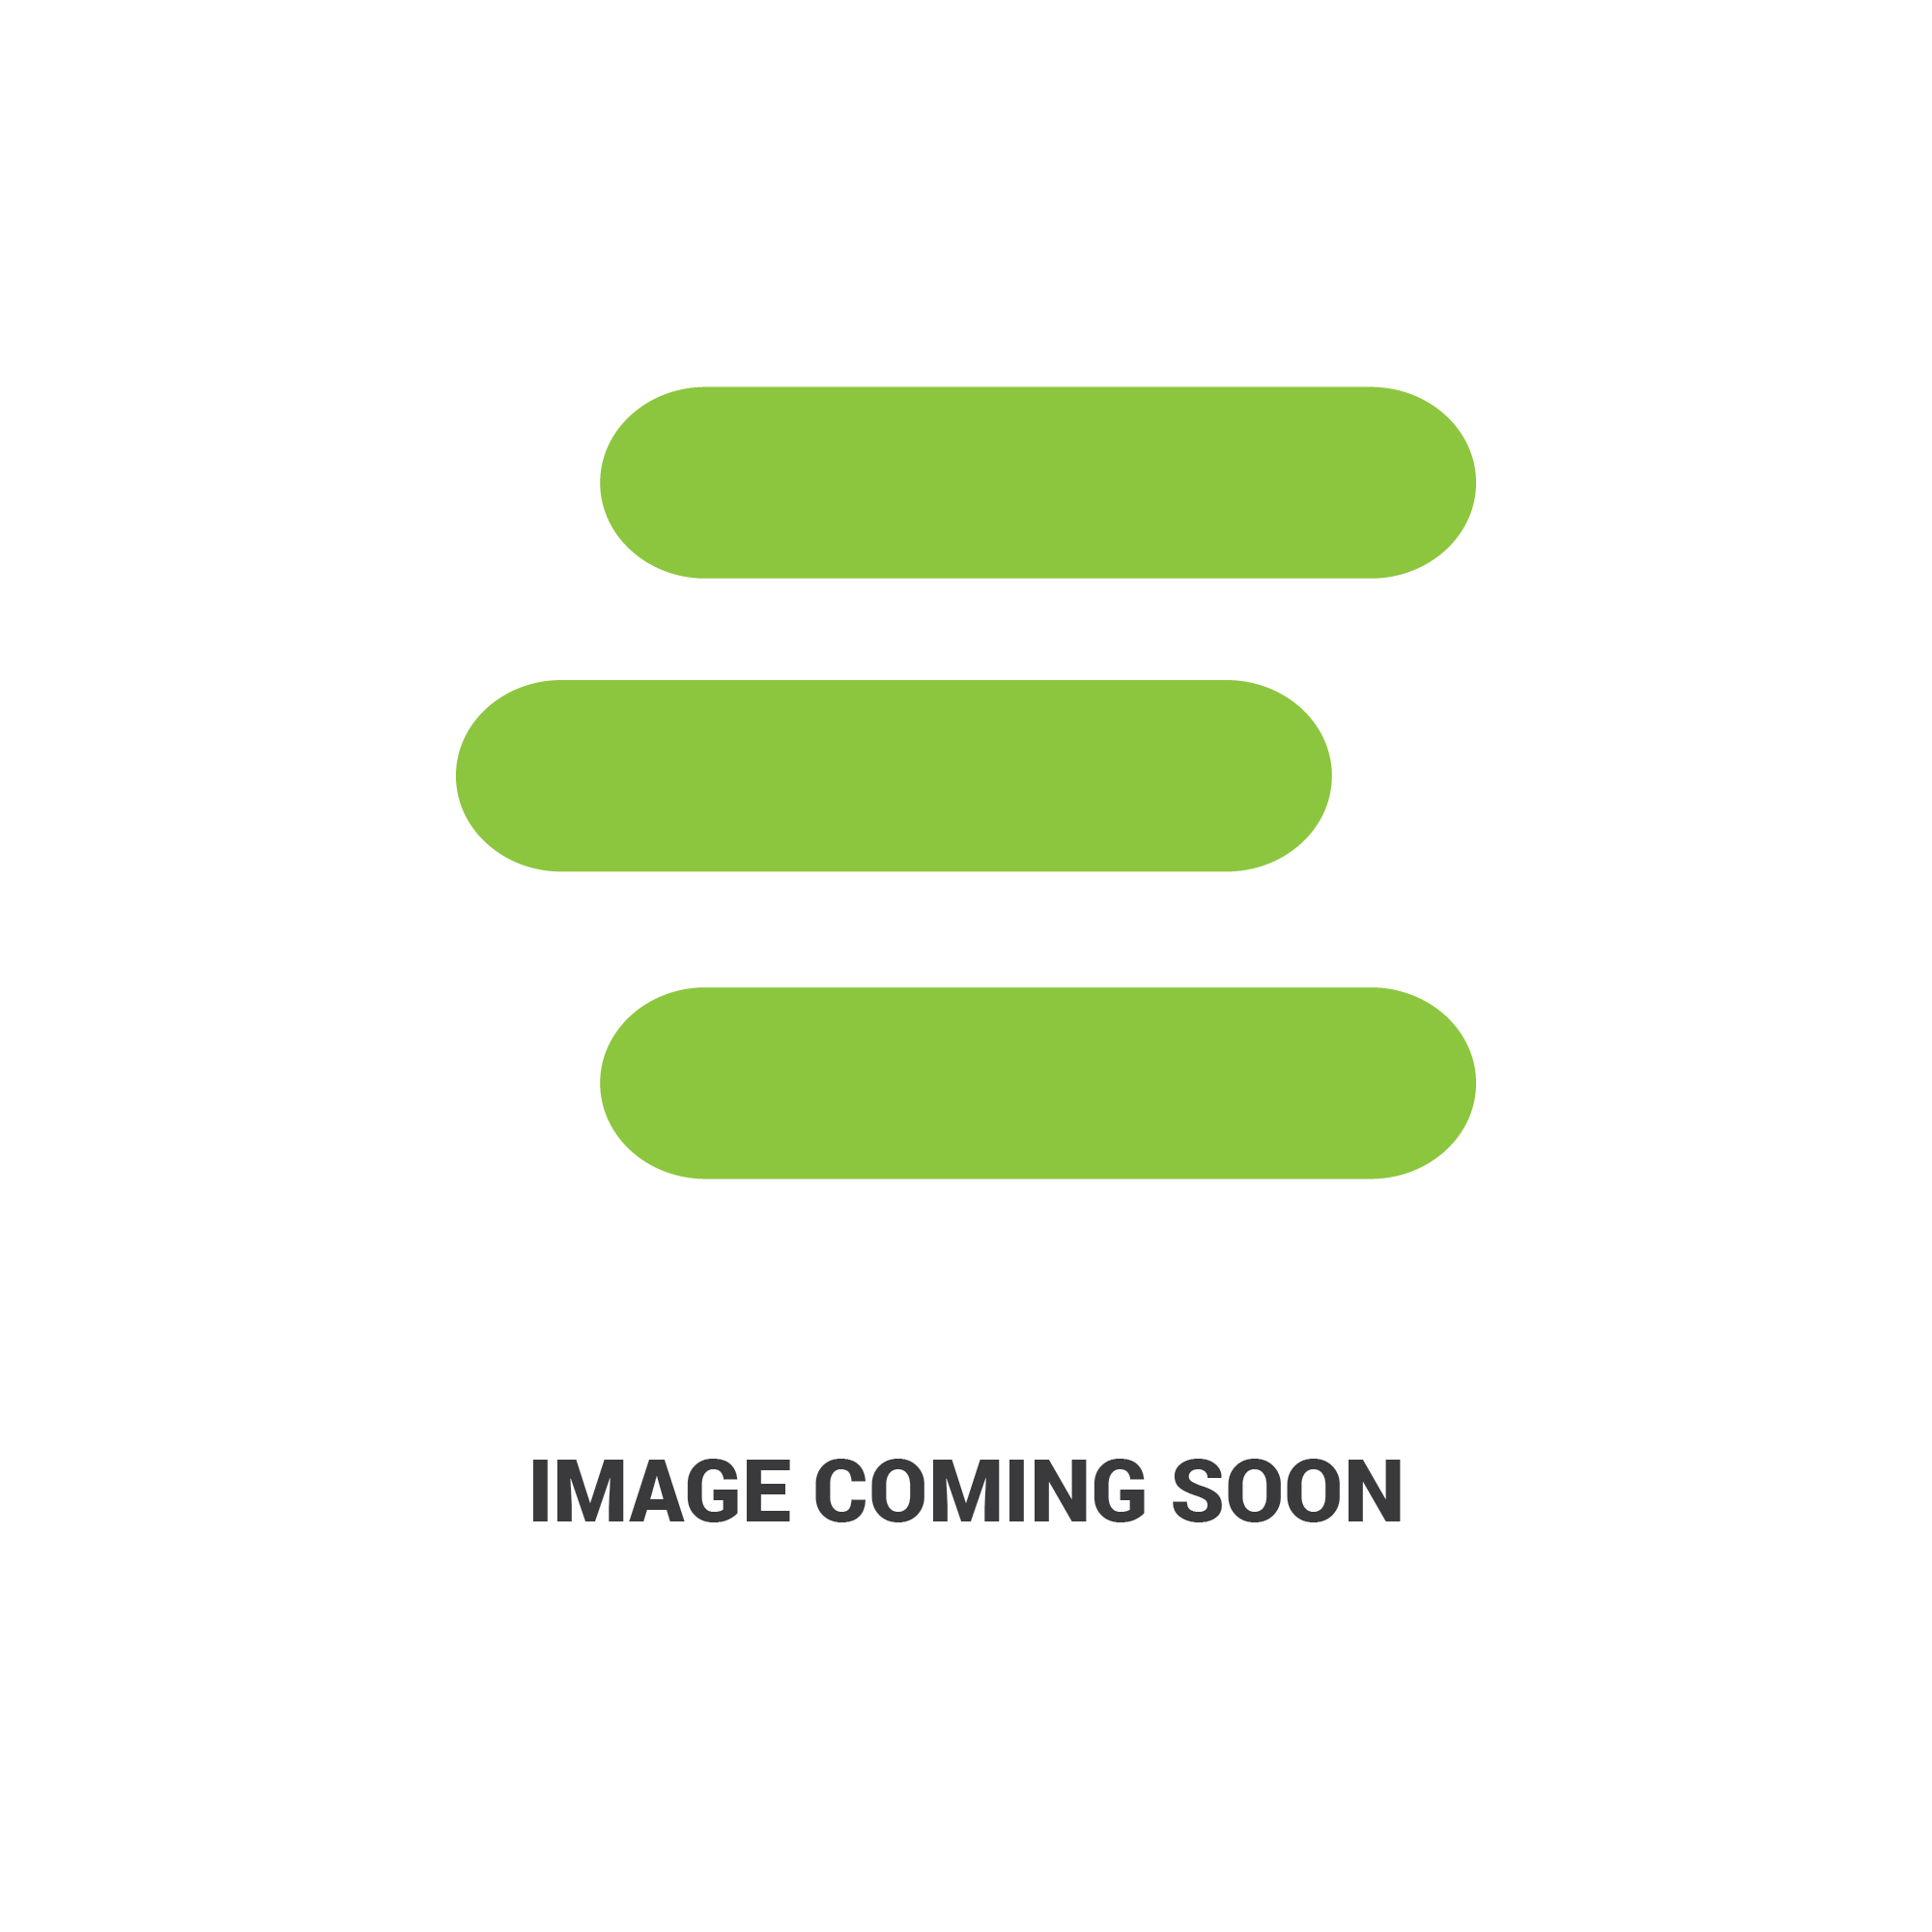 E-AT21782880_1.jpg